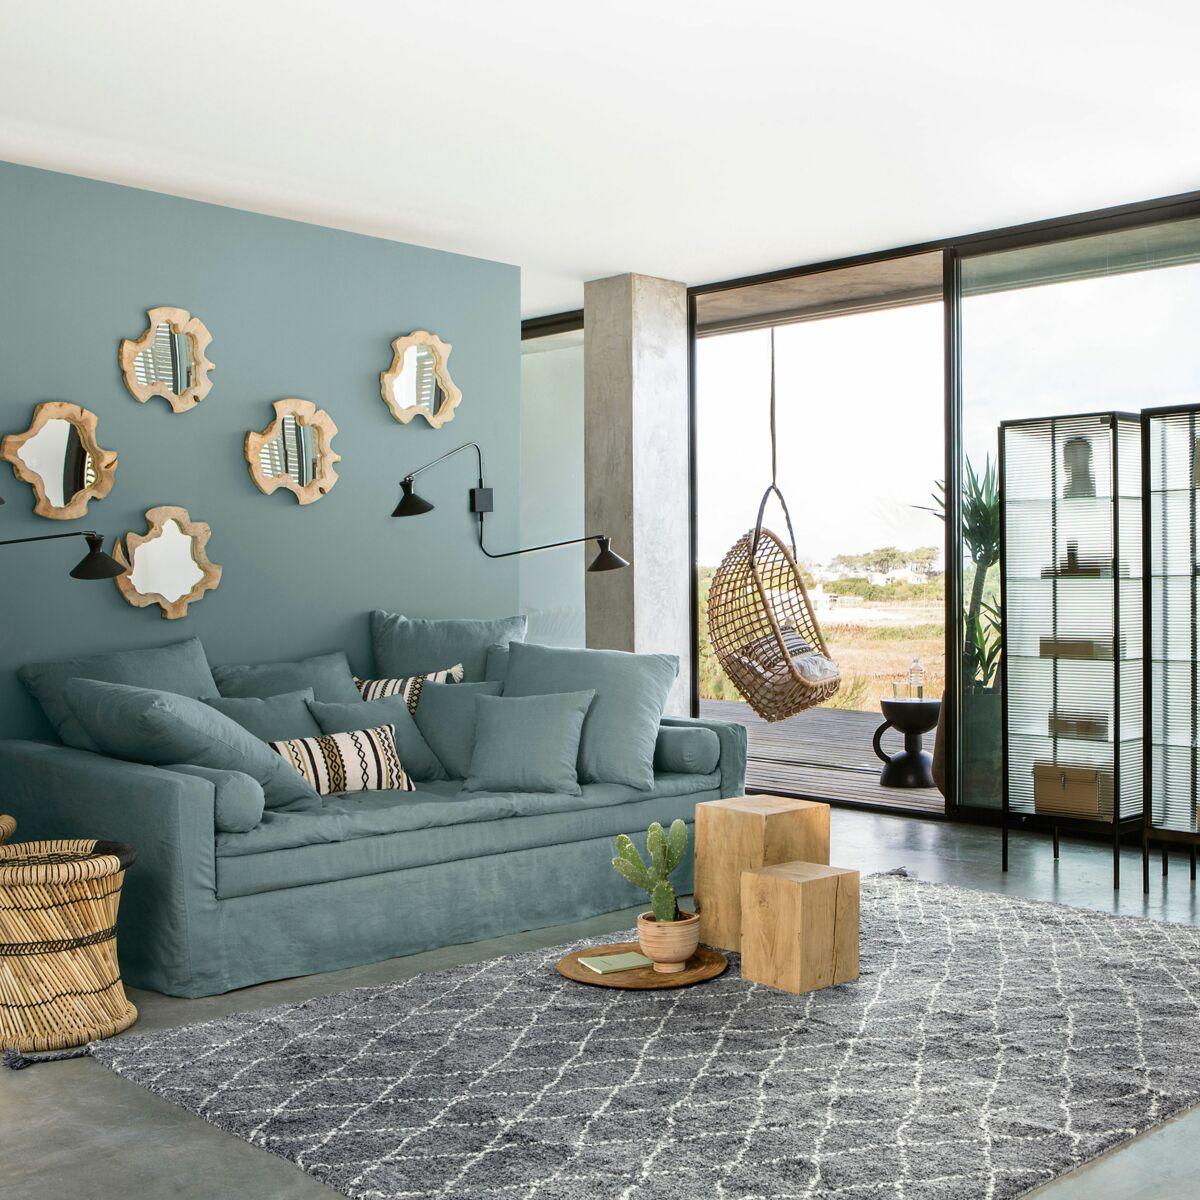 Tendance gris bleuté pour une déco de salon douce et naturelle